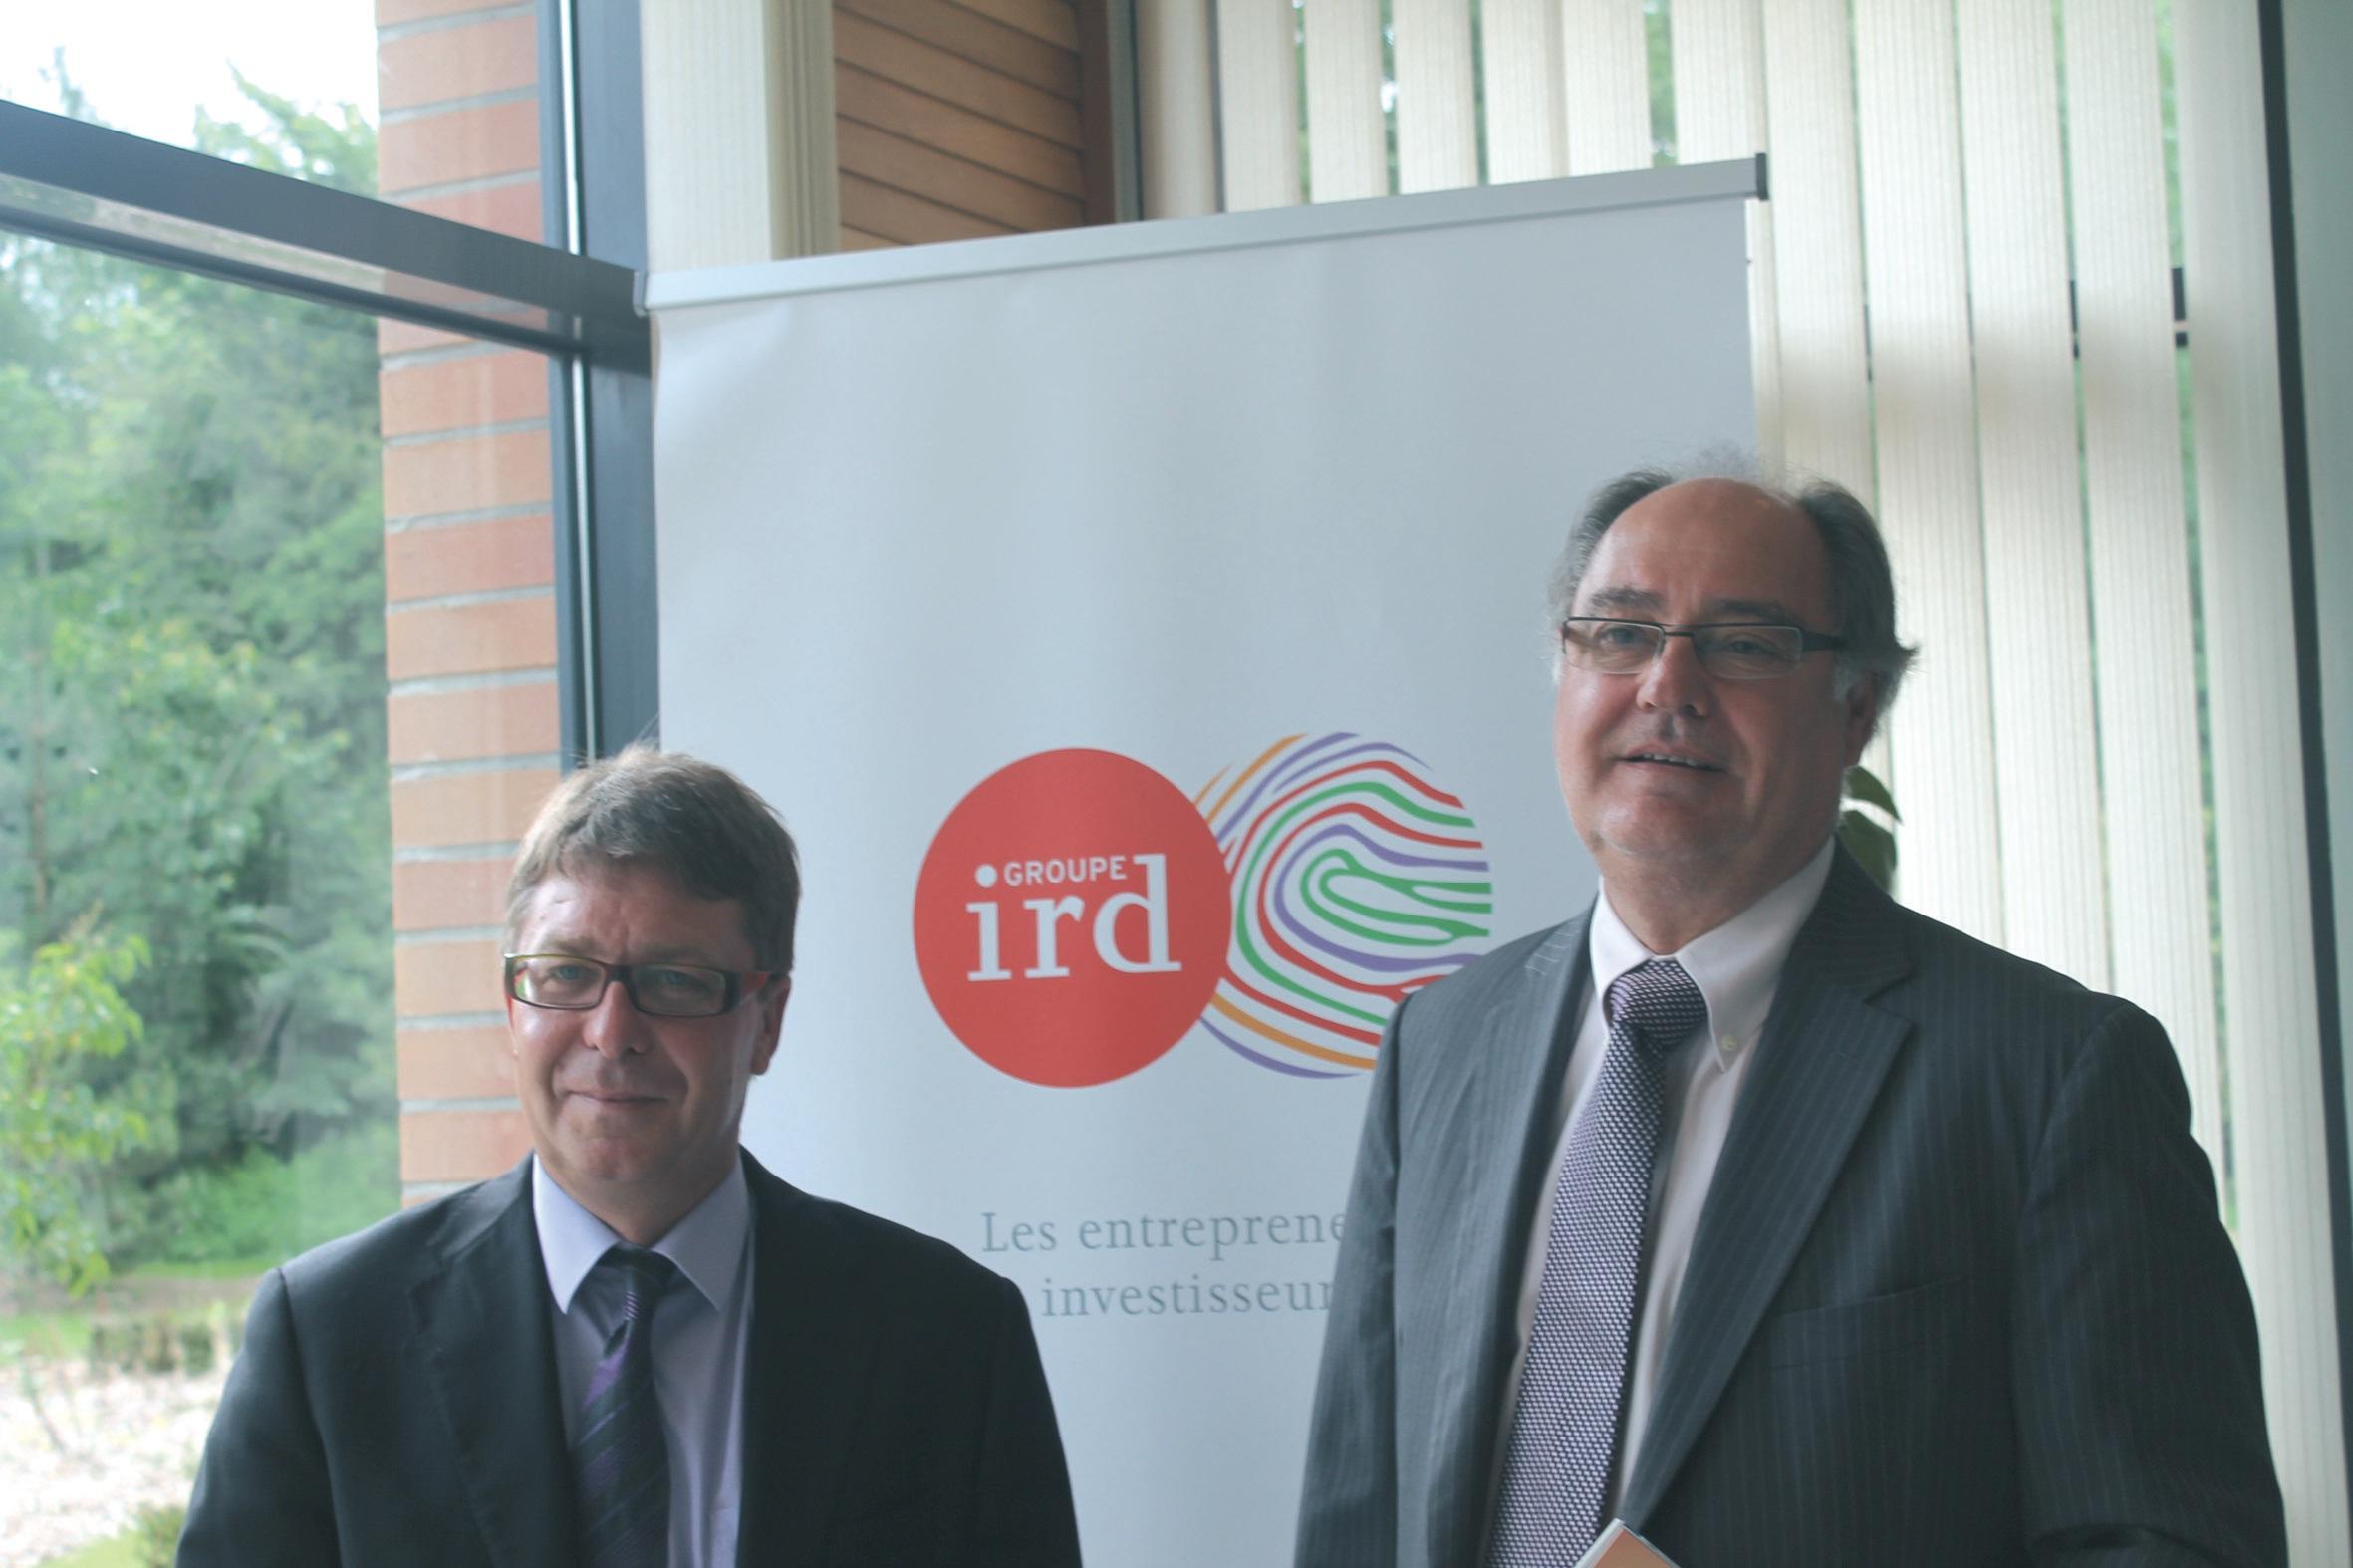 De gauche à droite, Thierry Dujardin, directeur général adjoint, et Marc Verly, directeur général du groupe IRD.